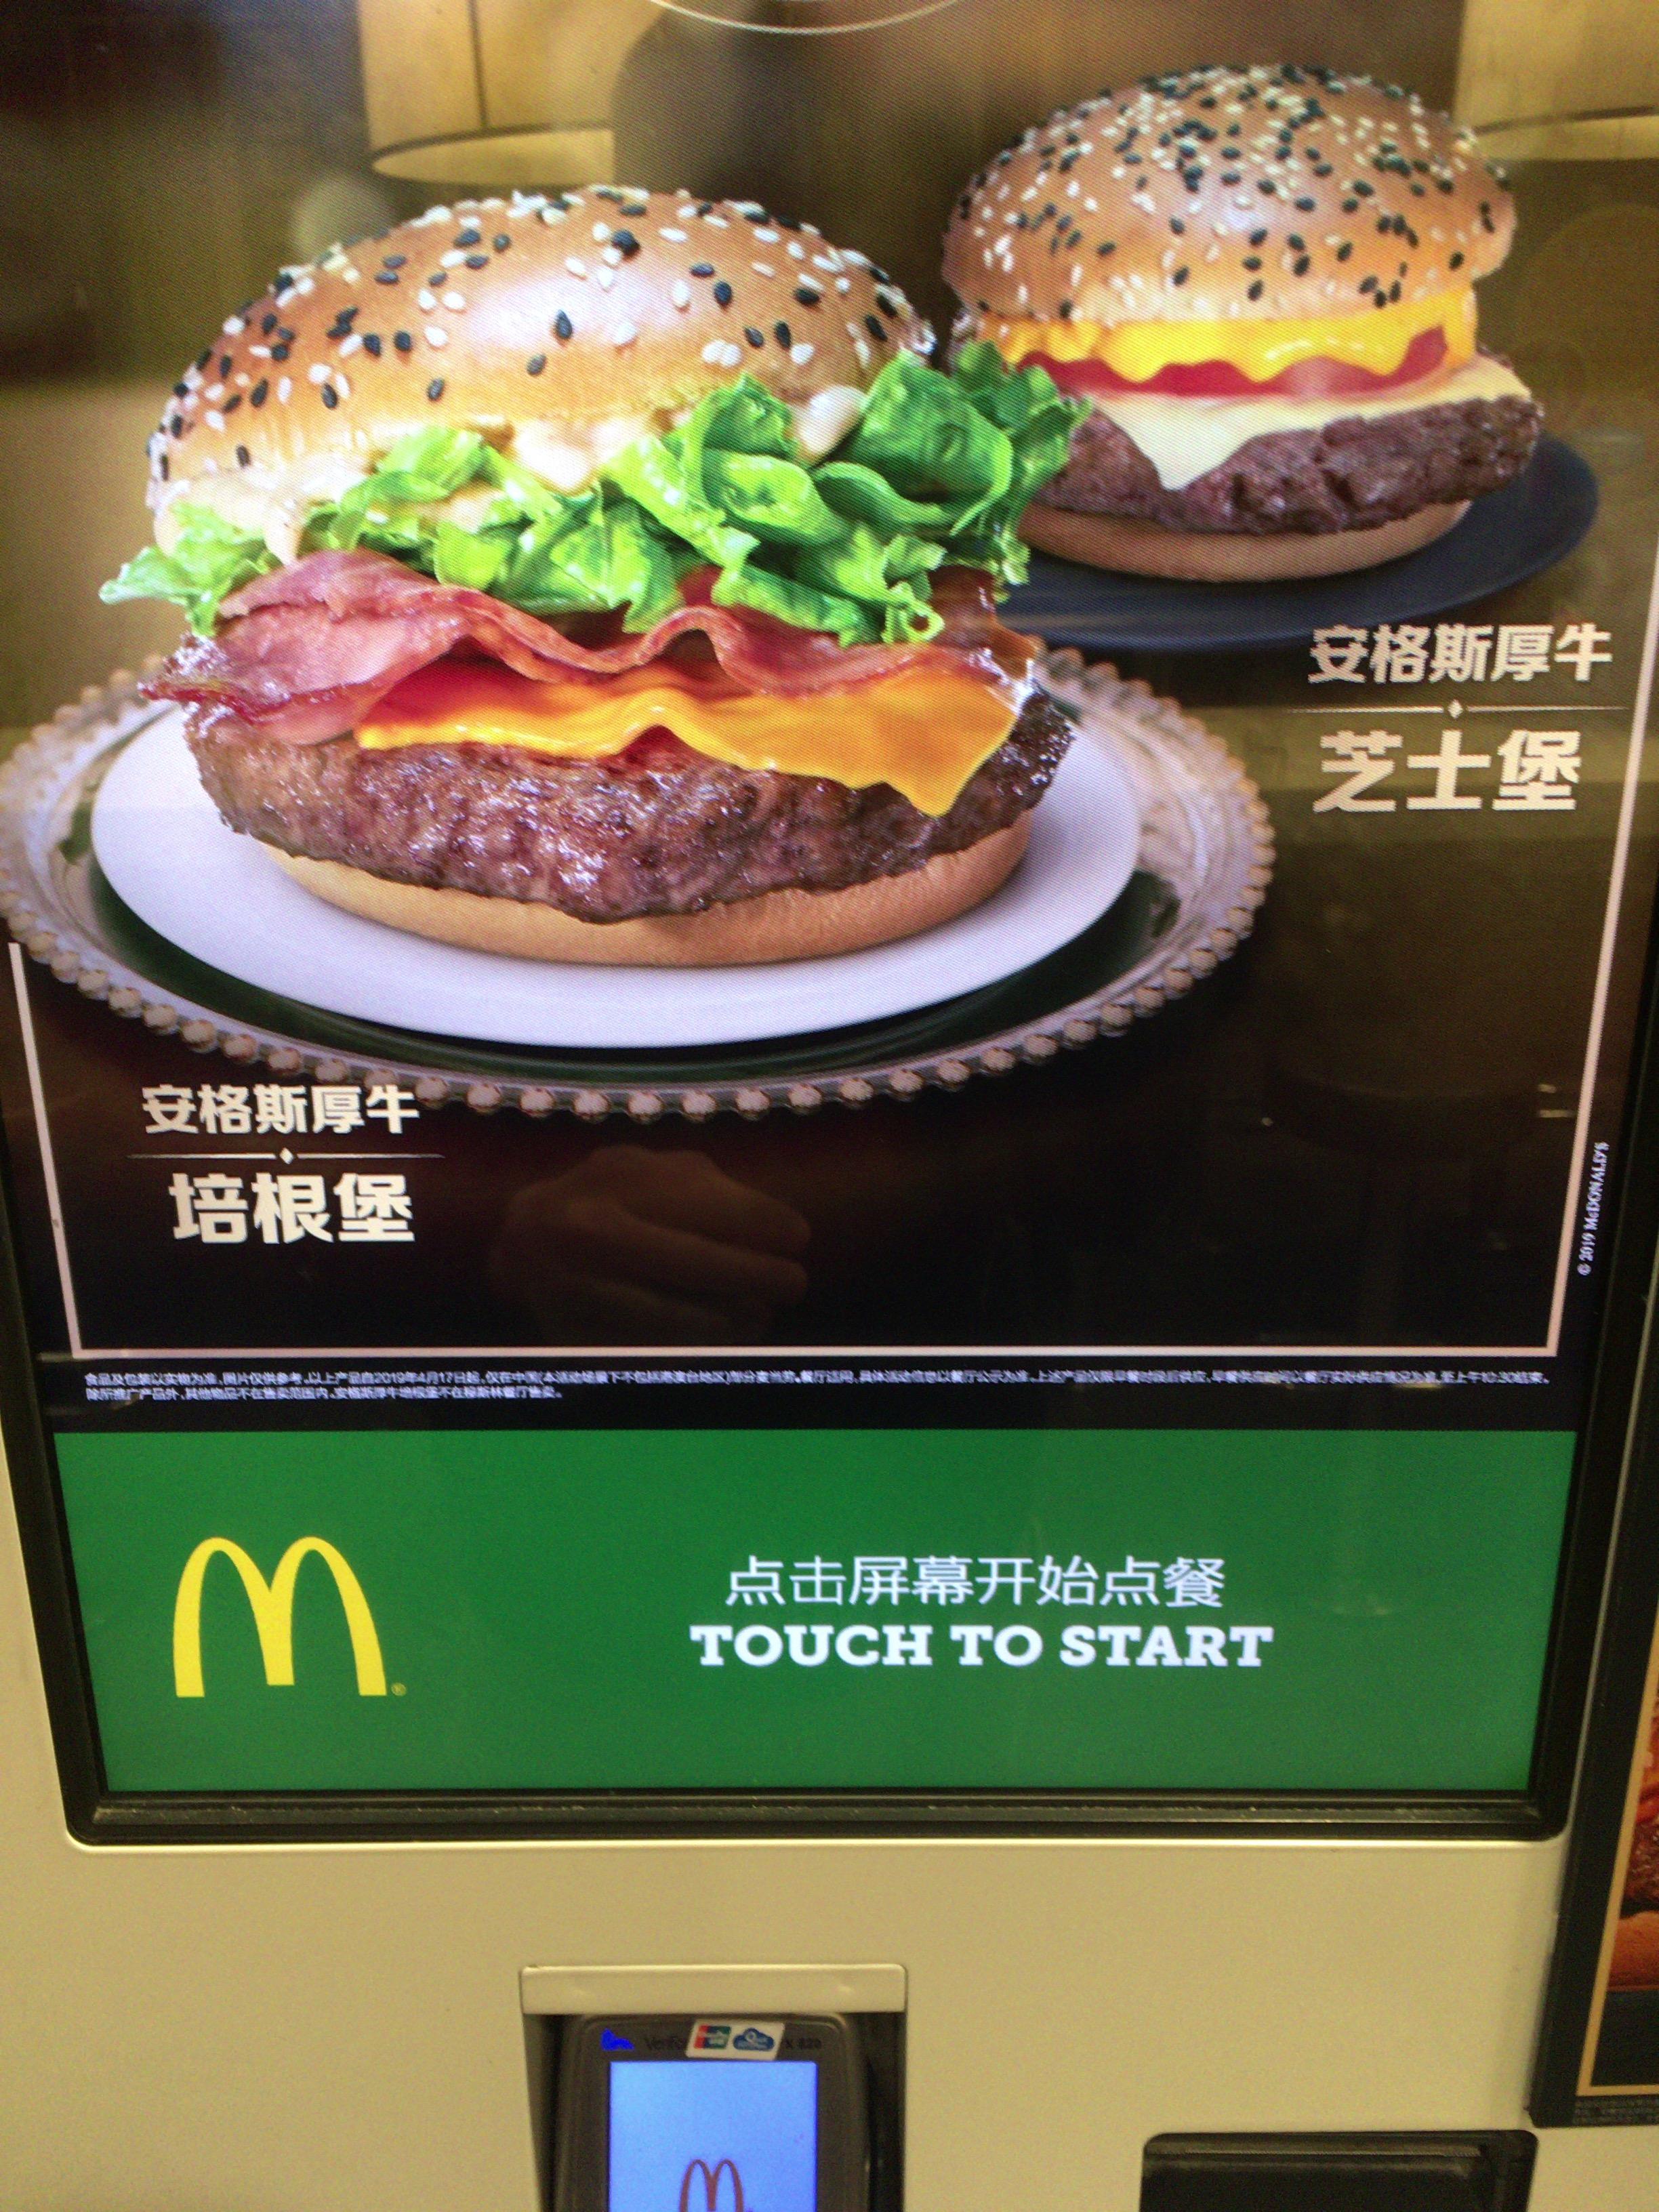 上海 マクドナルドで食す